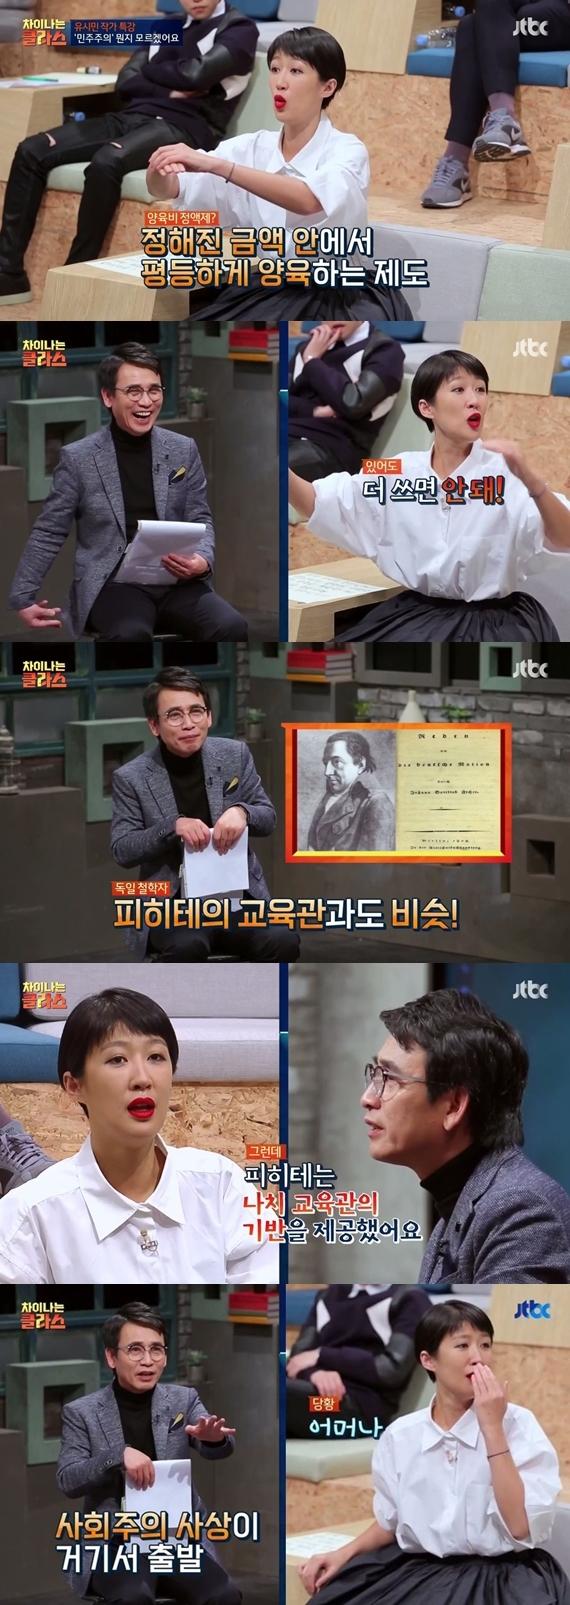 [사진 JTBC '차이나는 클라스-질문있습니다' 캡처]